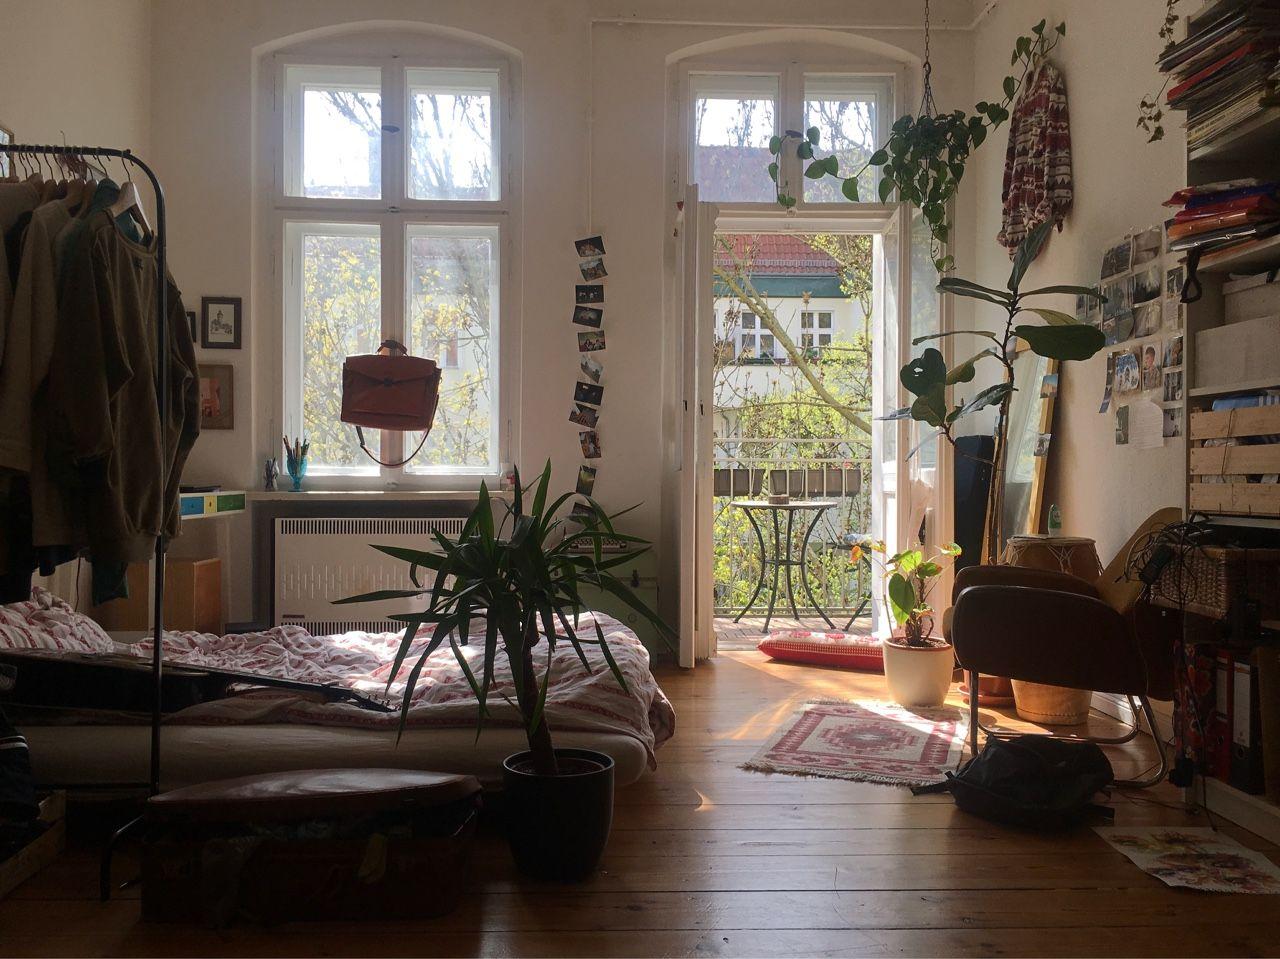 Schlafzimmer kolonialstil ~ Steinwand rustikales schlafzimmer viel holz deckenverkleidung